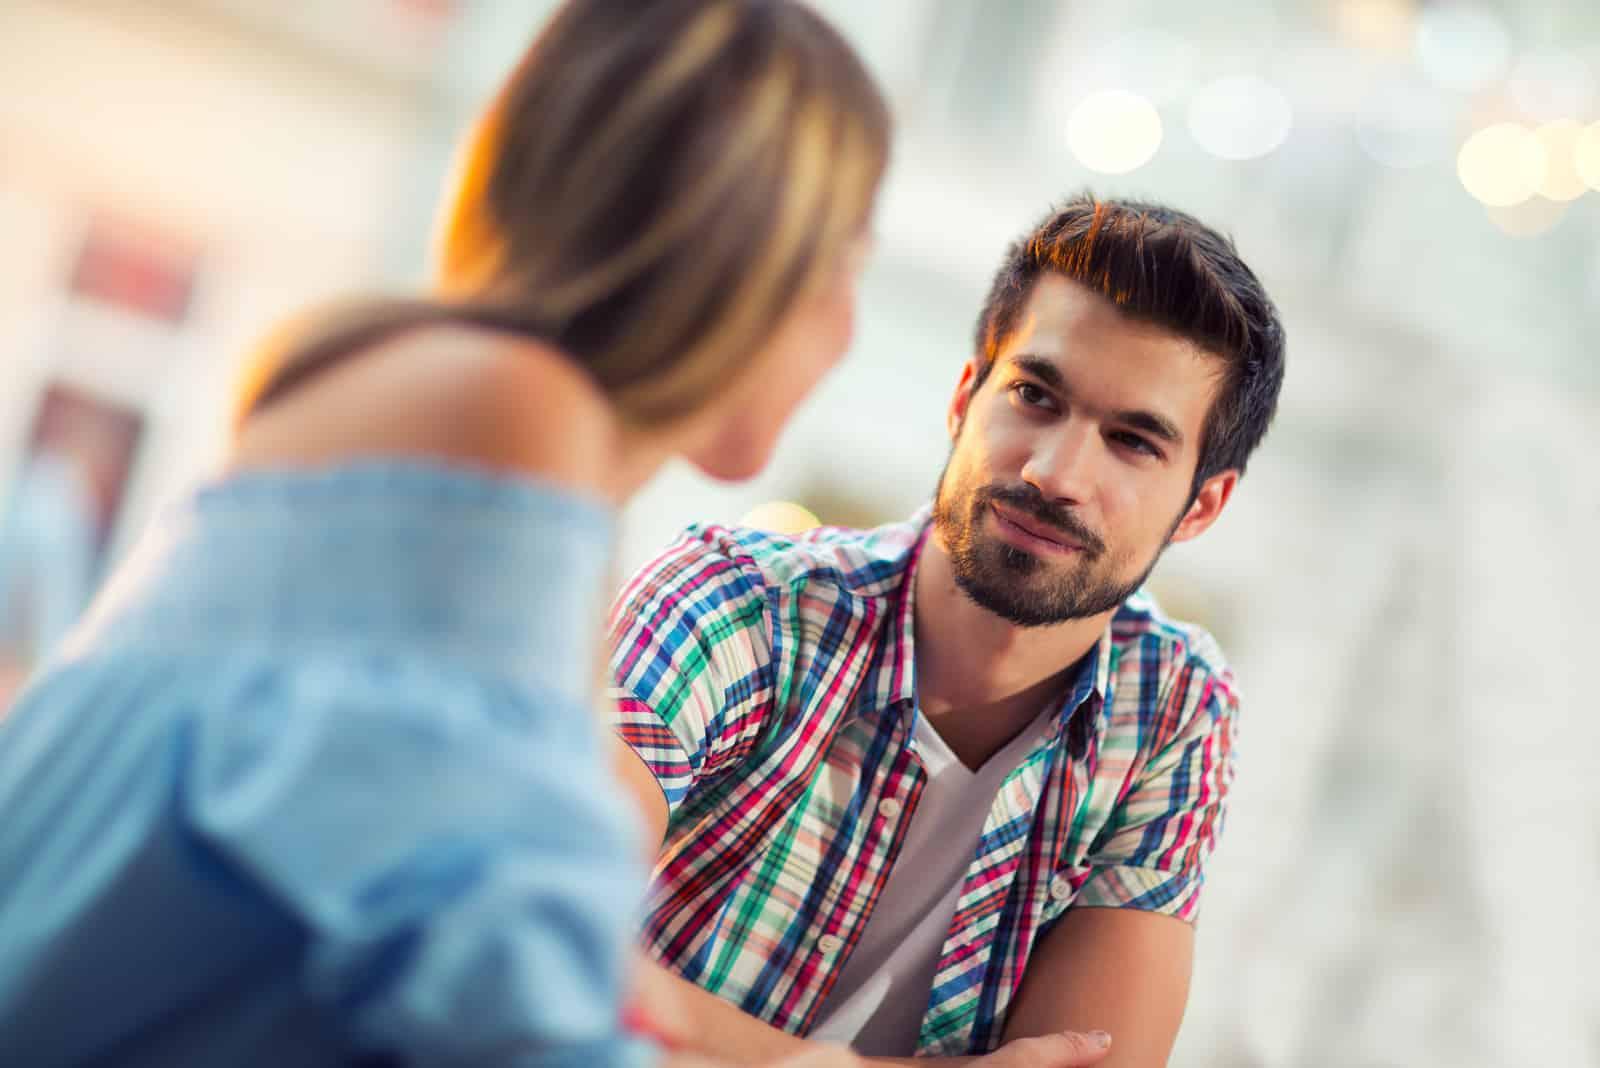 un homme et une femme se regardent et parlent